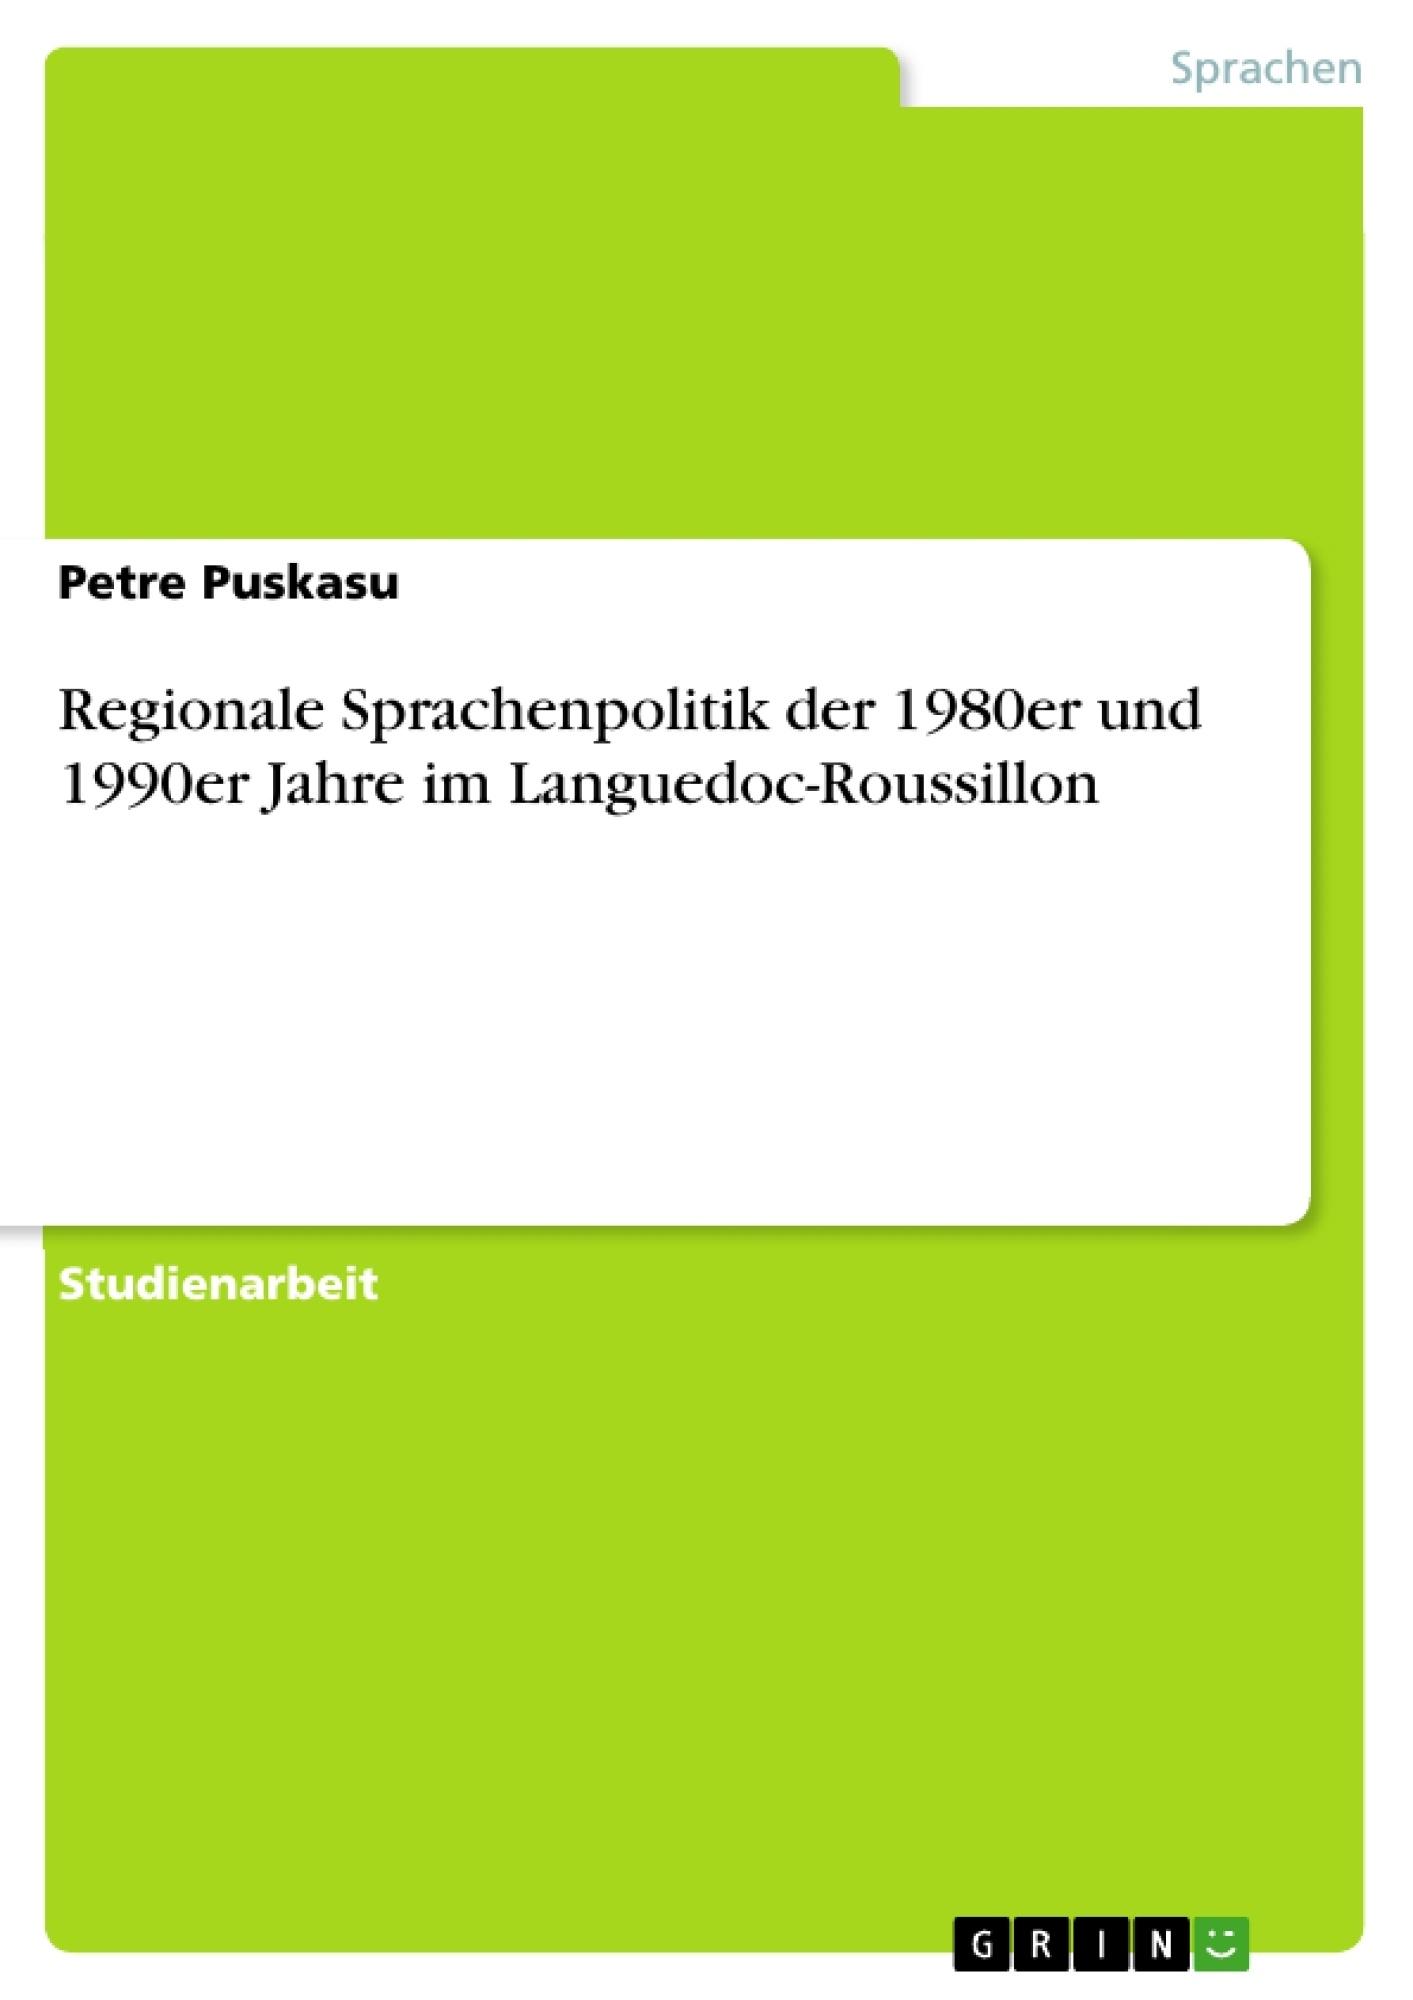 Titel: Regionale Sprachenpolitik der 1980er und 1990er Jahre im Languedoc-Roussillon